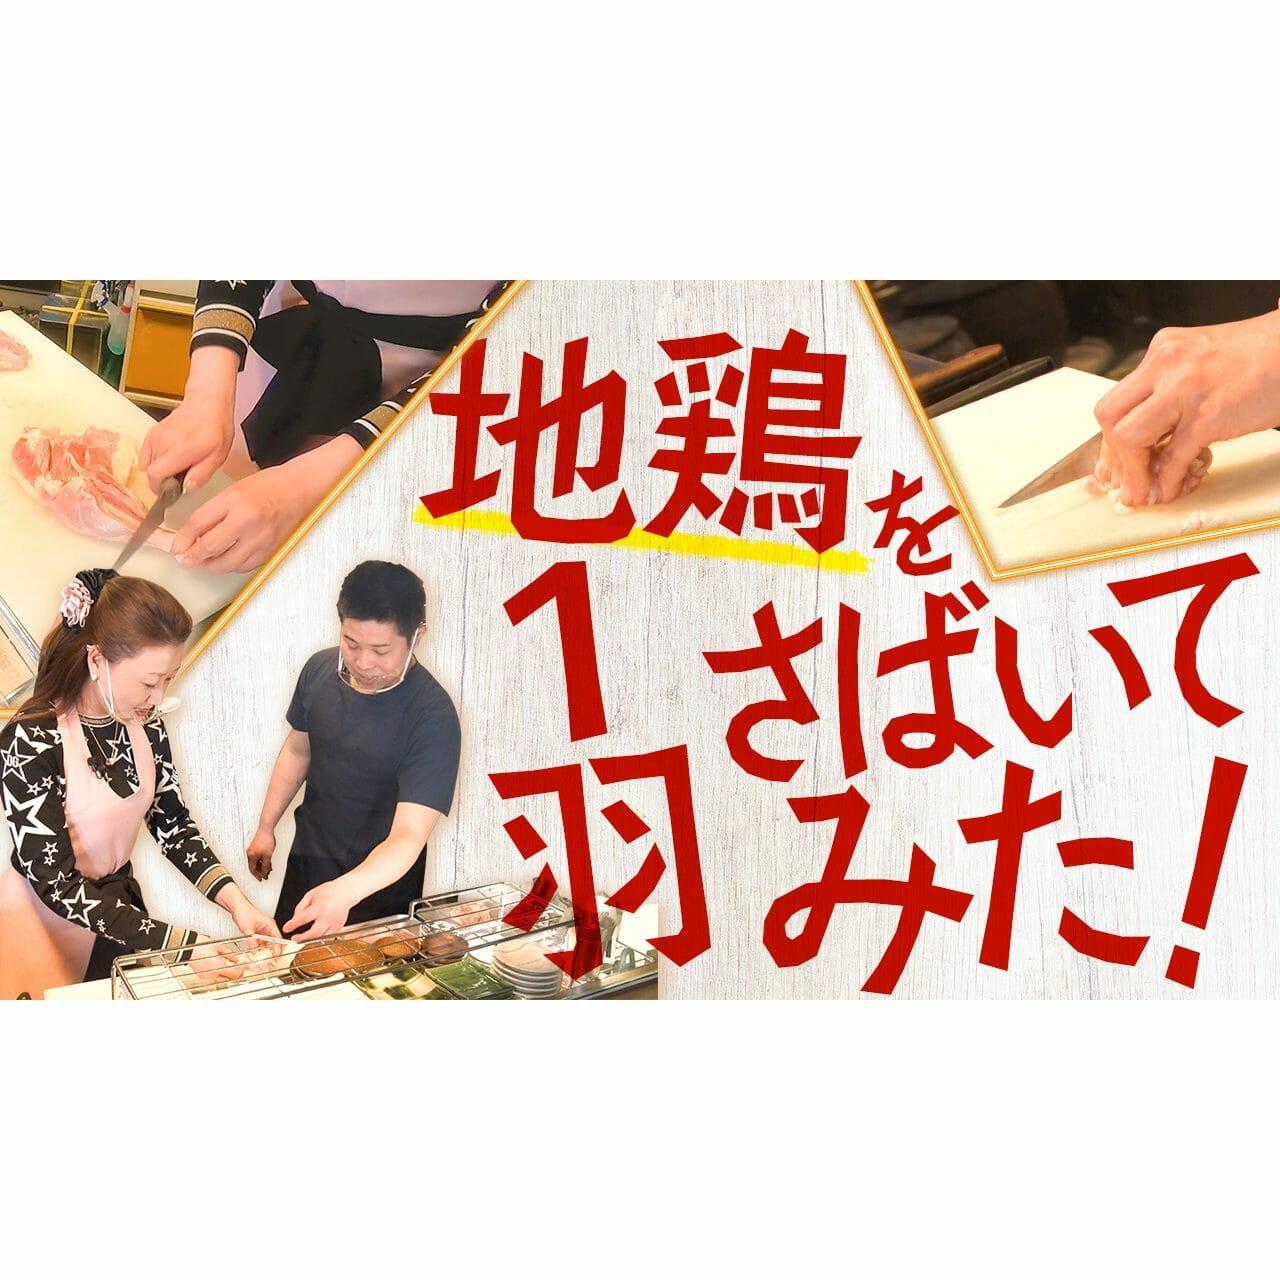 【とり鍋作り】プロと一緒に地鶏1羽さばいてみた!「お取り寄せグルメ」